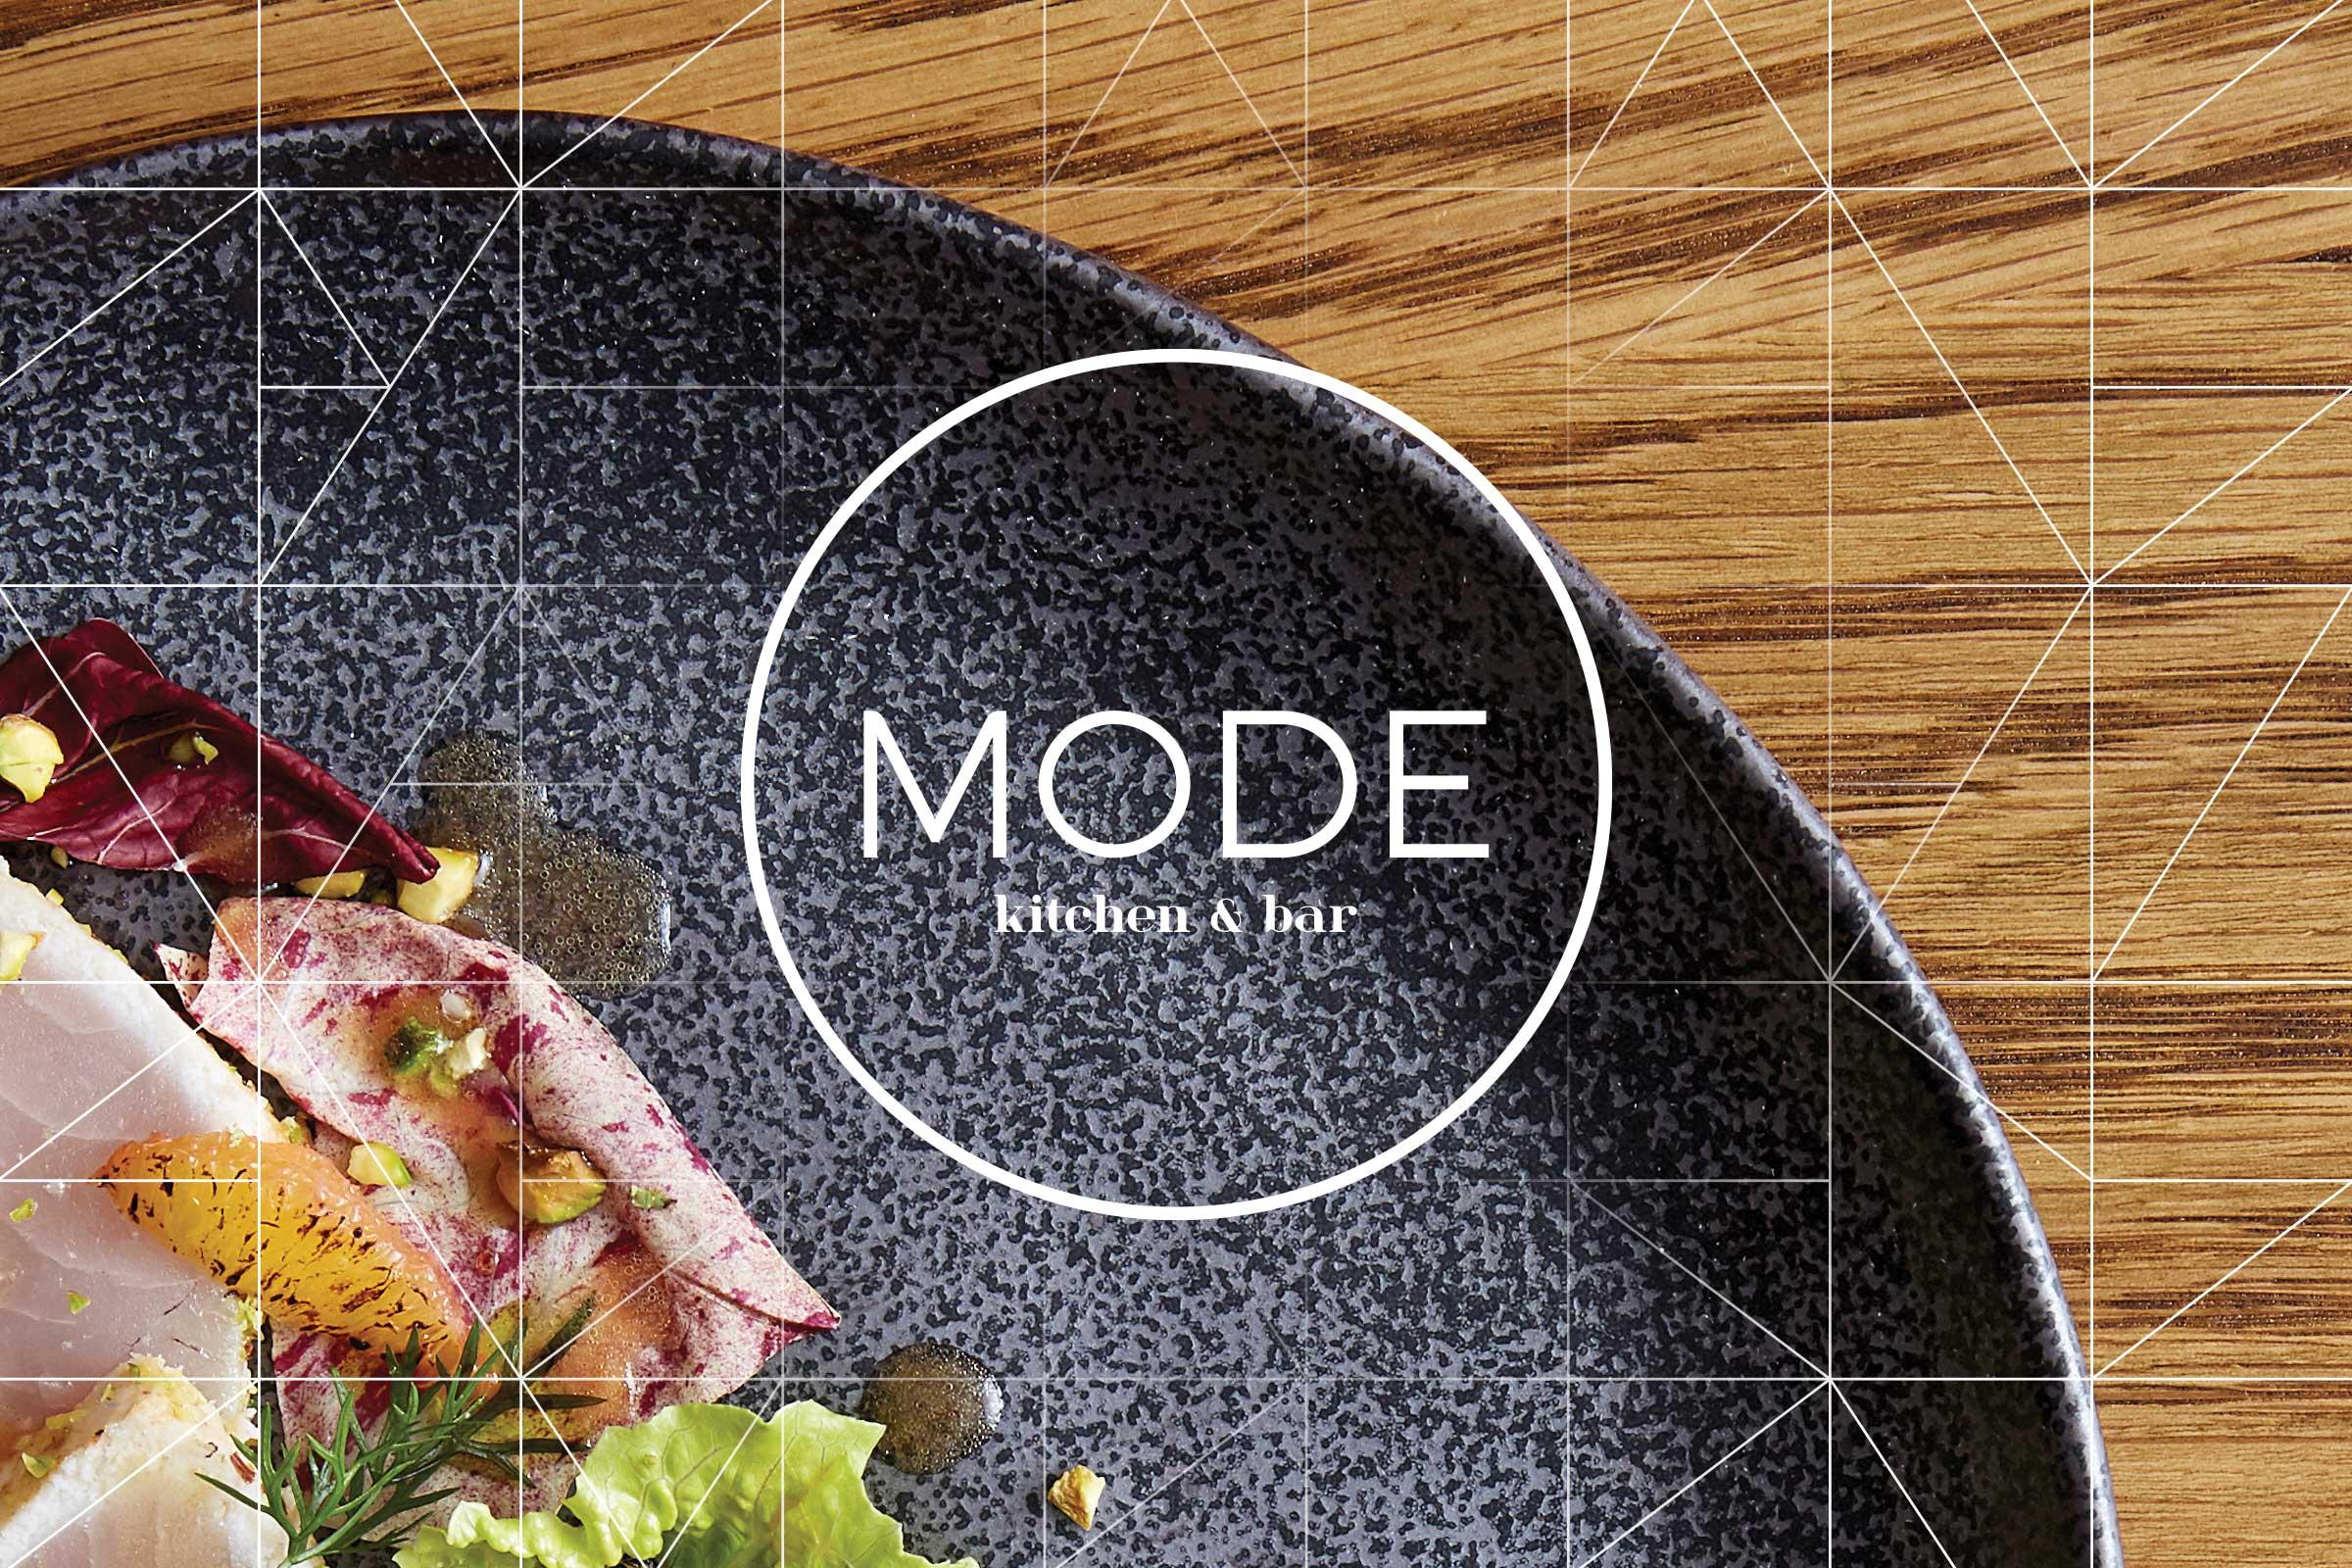 Taffy Design - Mode Kitchen & Bar